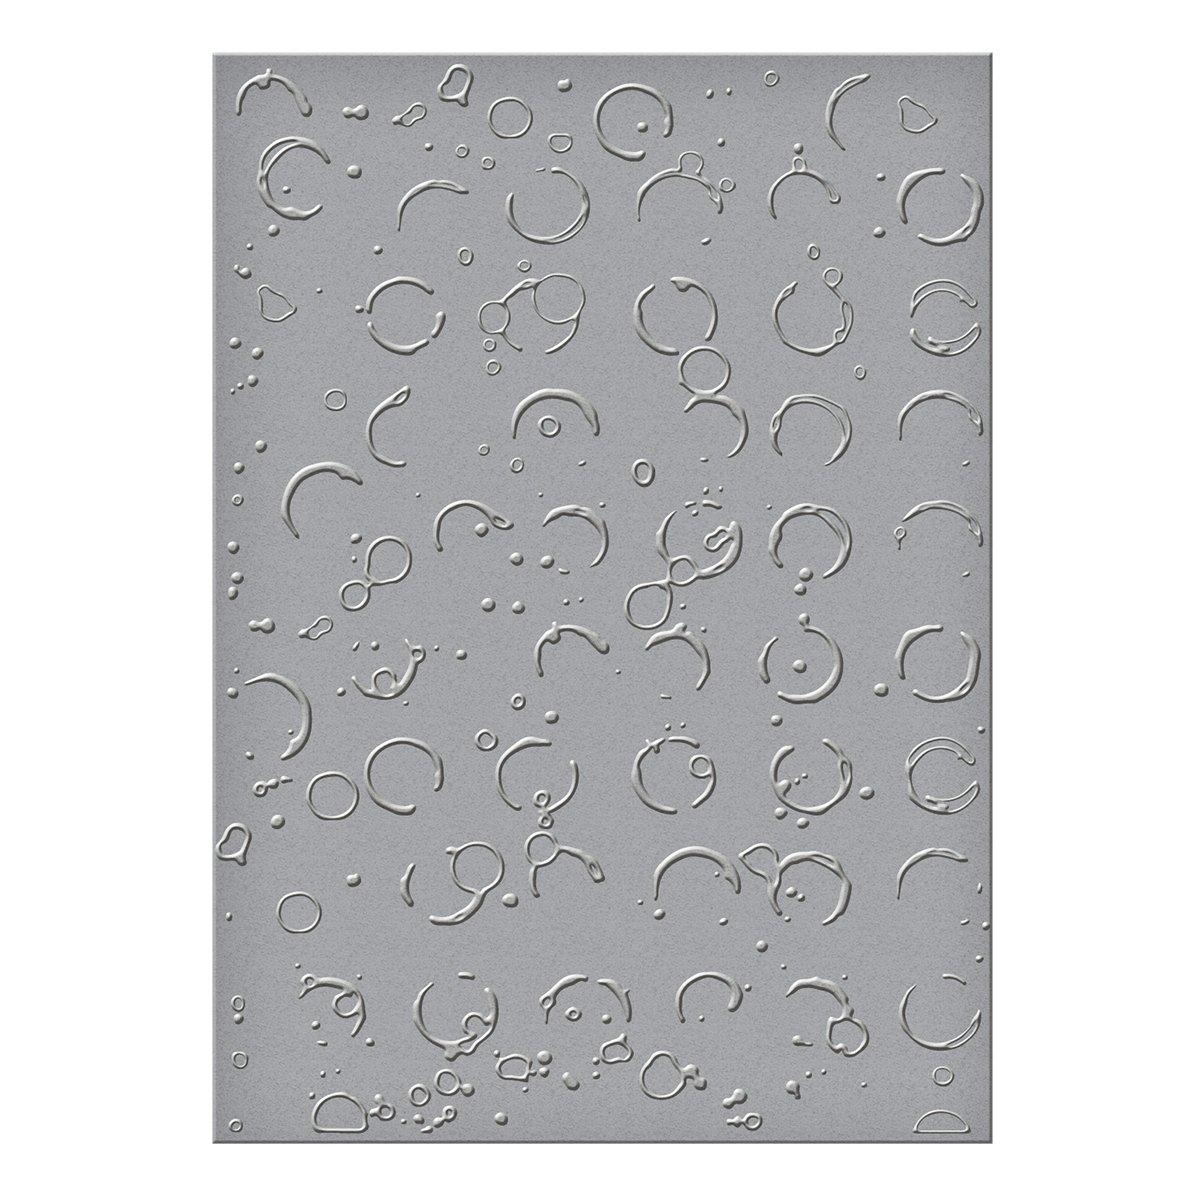 Spellbinders-Fustella per goffratura grande imbrattata di cerchi, in acrilico,, 3 pezzi SEL-011